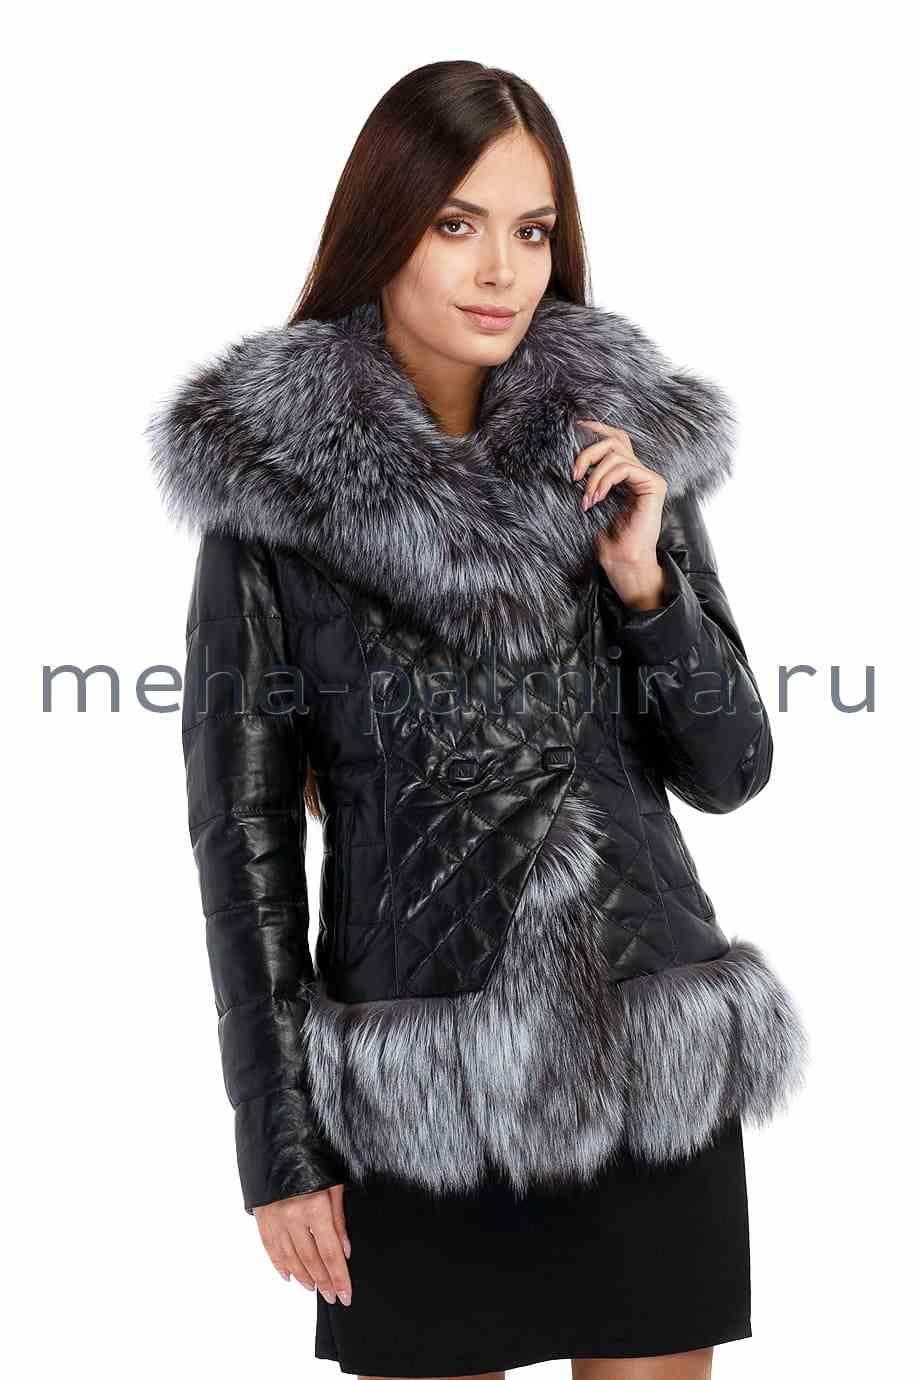 Зимняя куртка из кожи, в отделке мех чернобурки